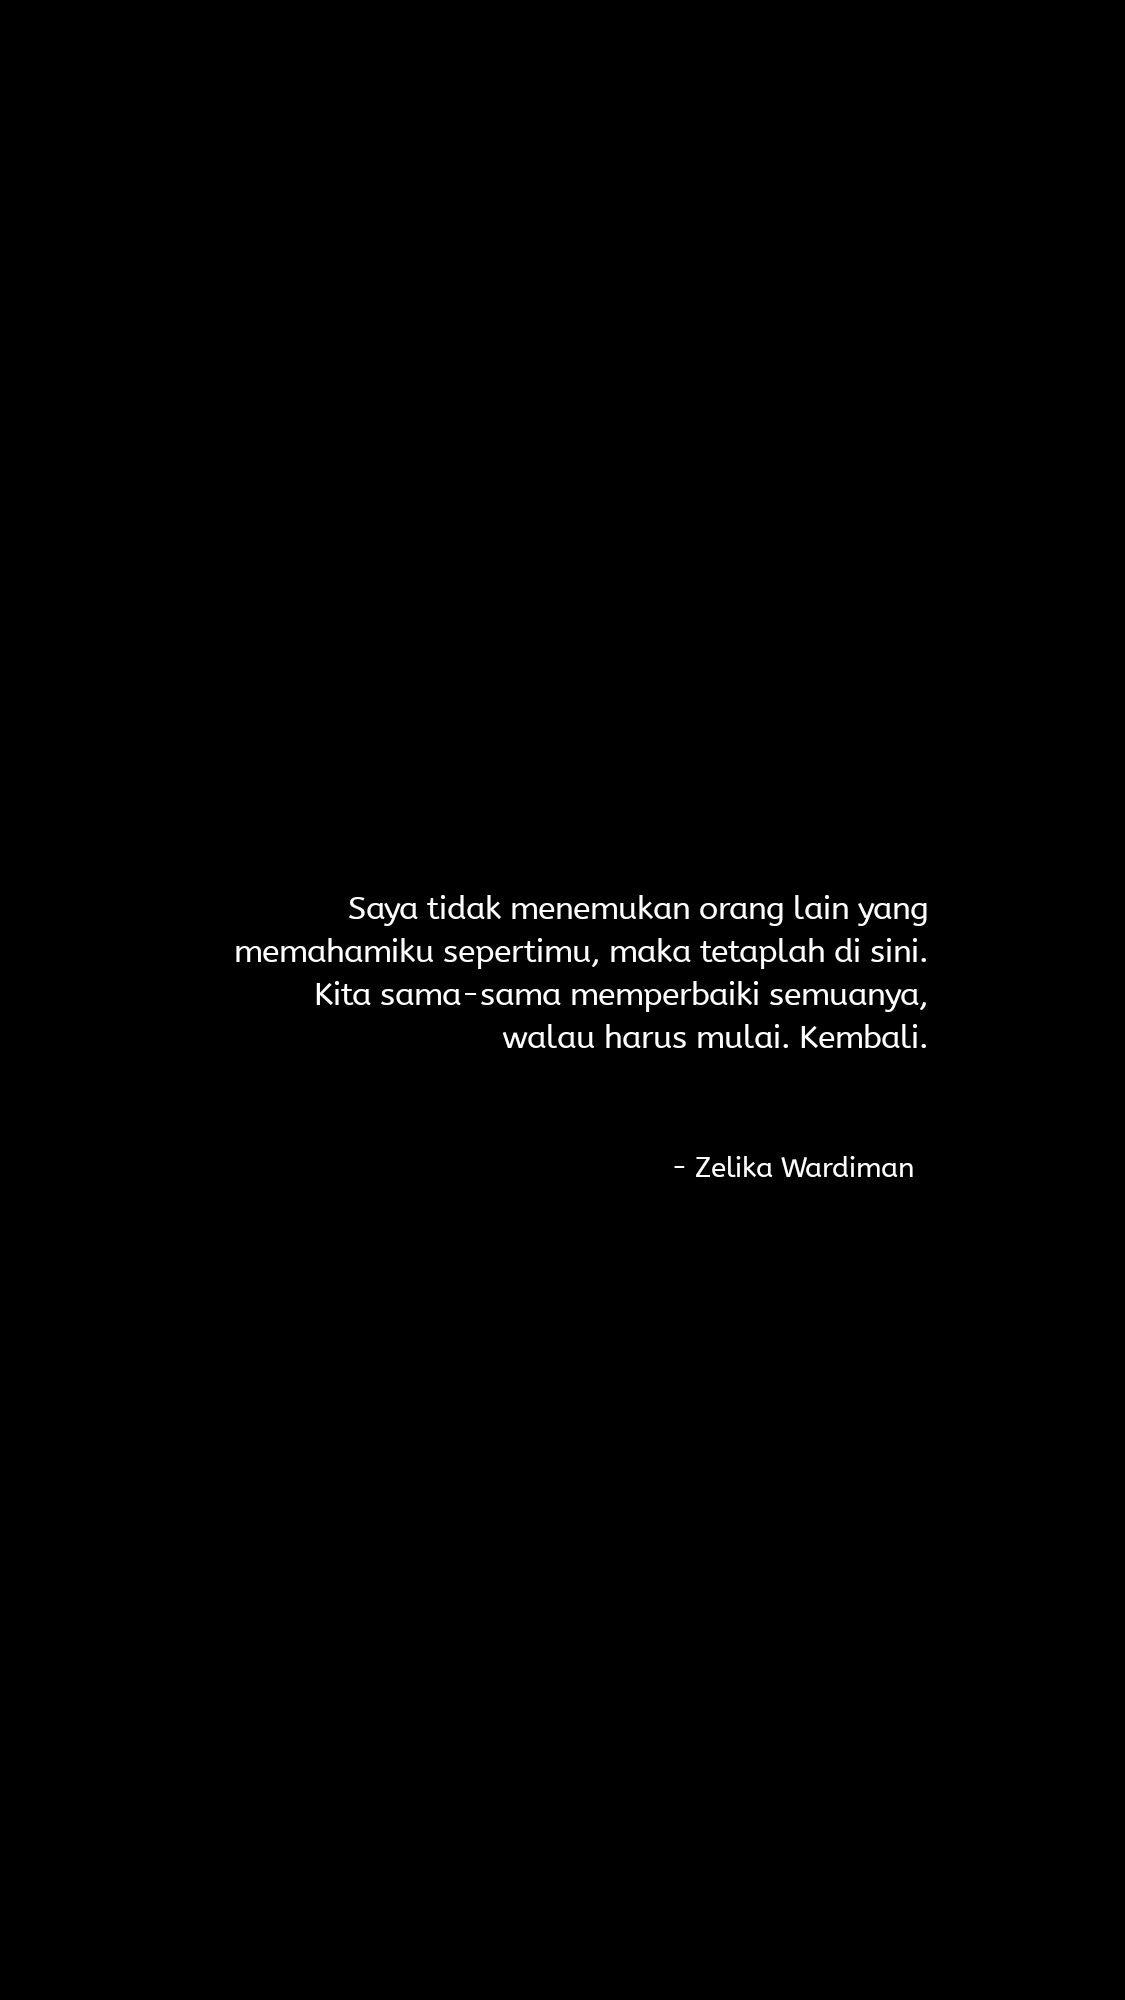 Kembali 😊